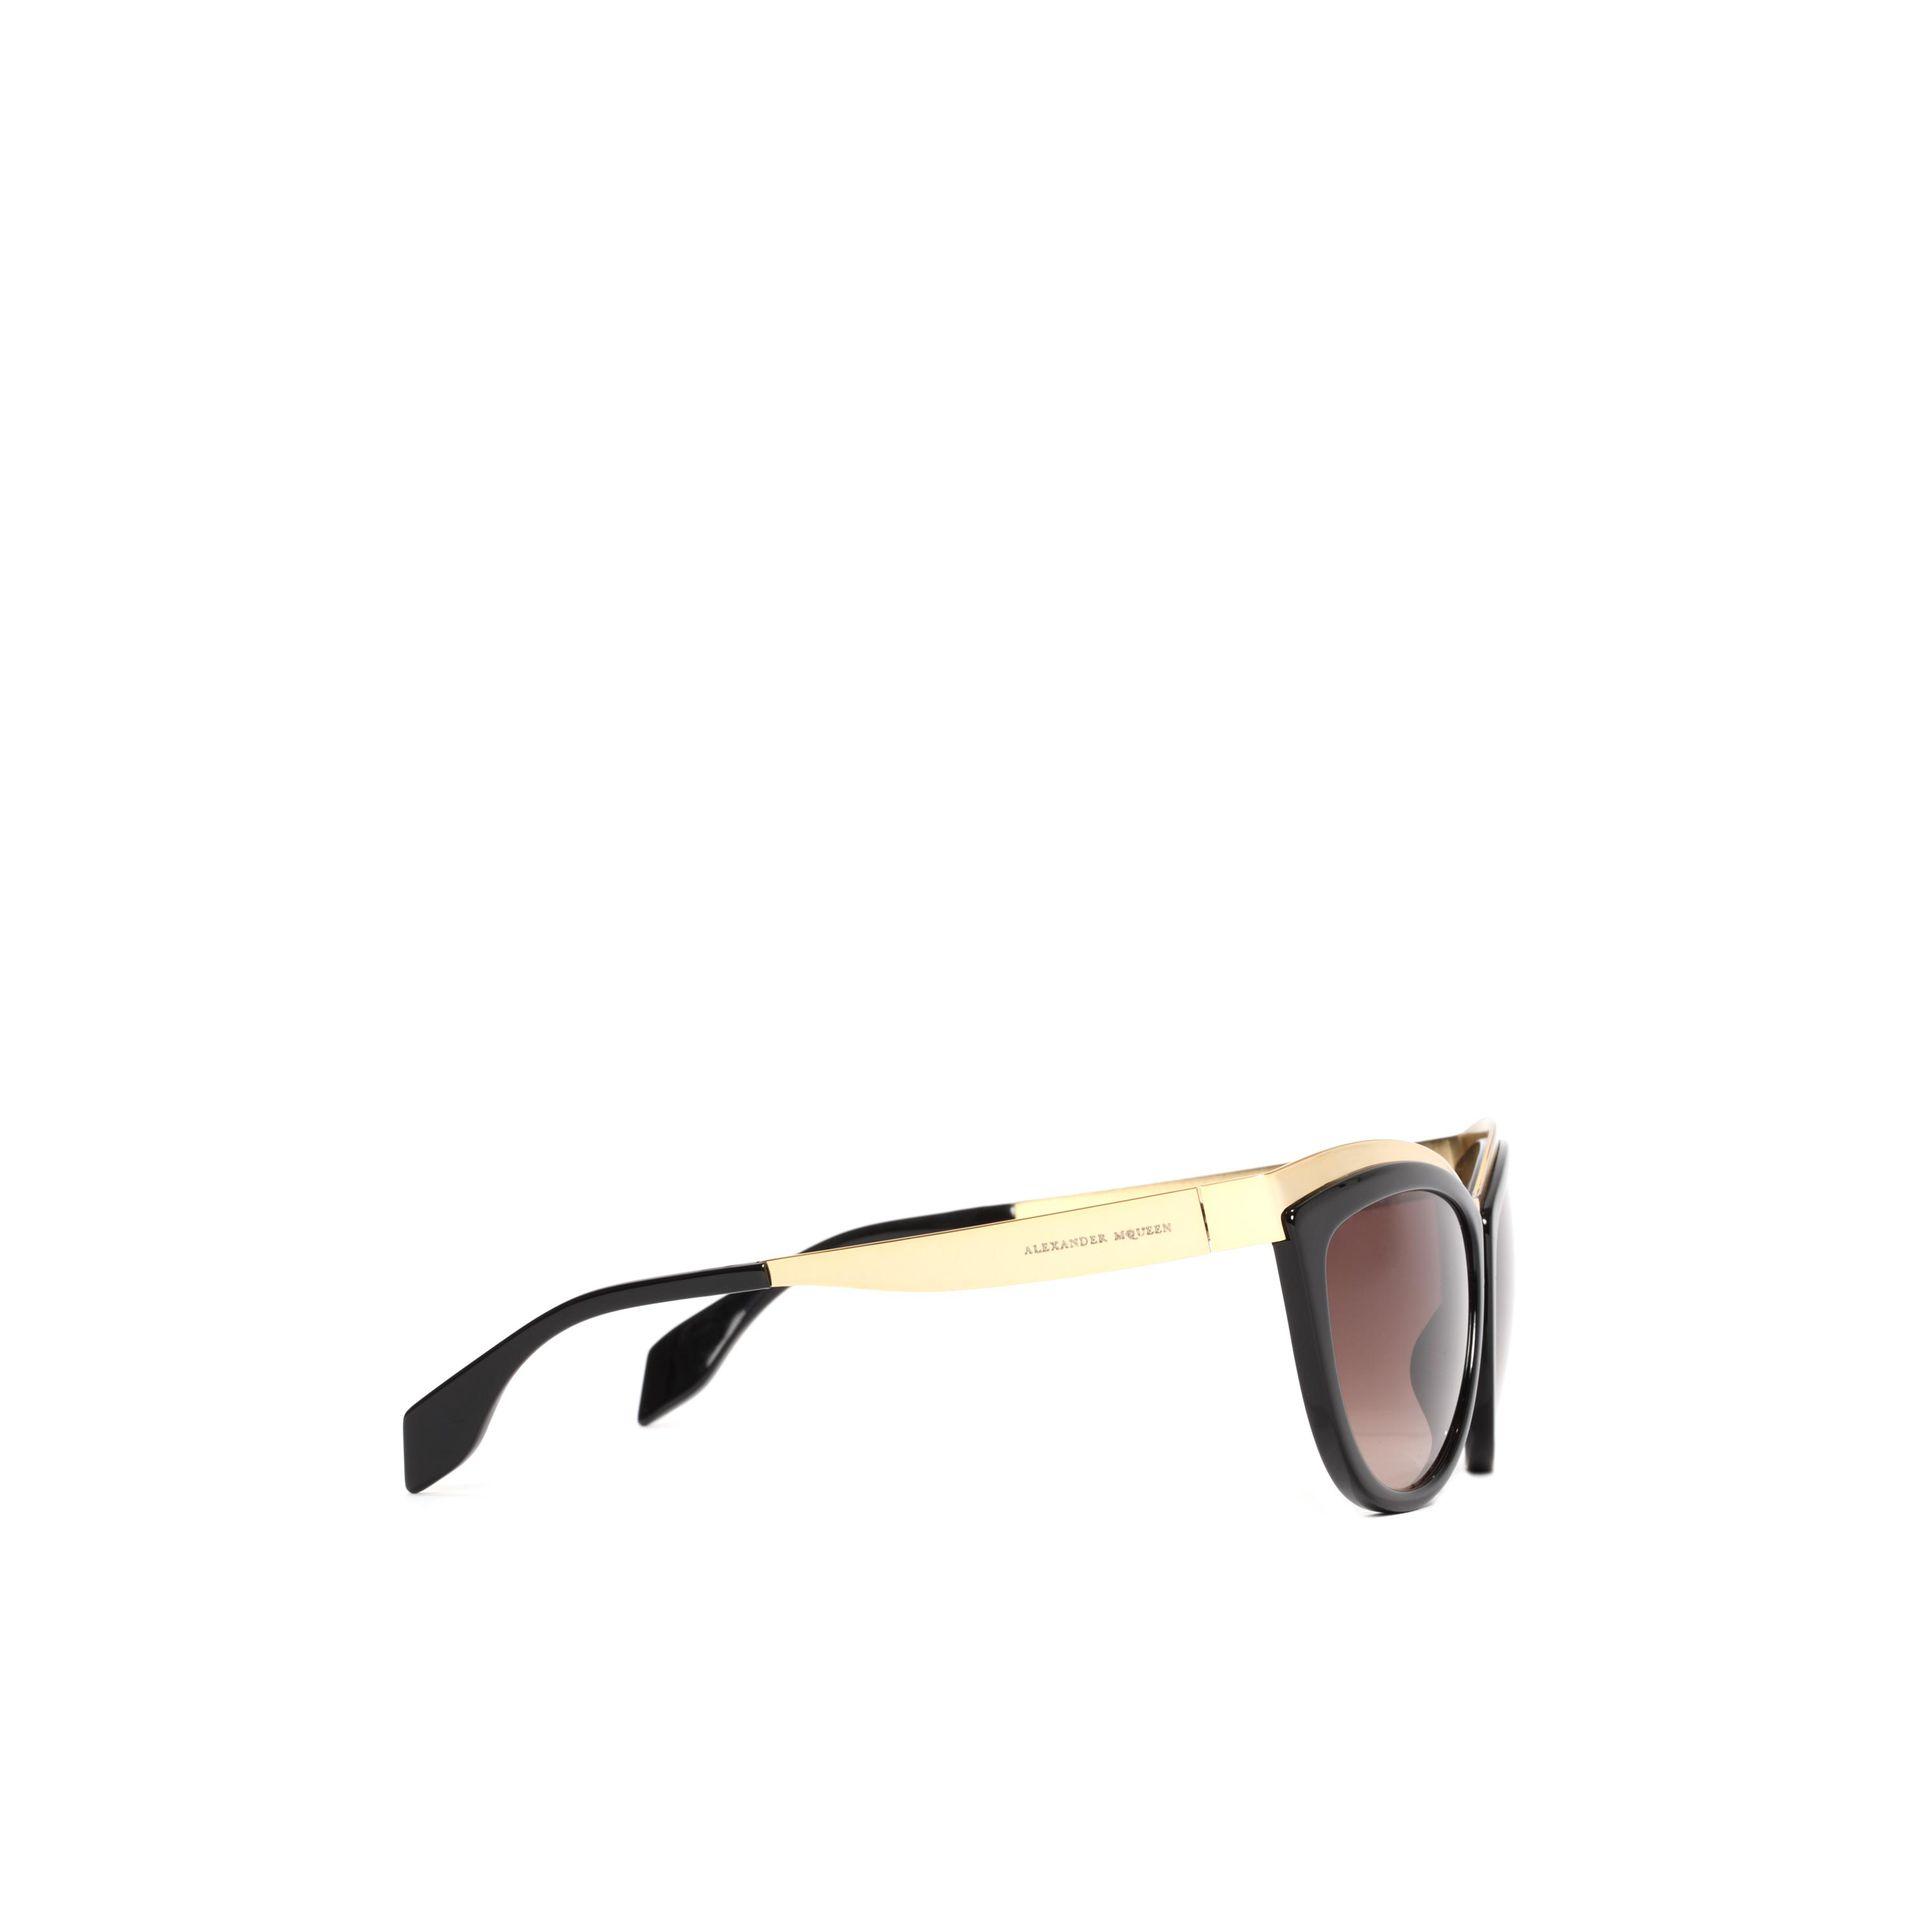 3c1a14f205 Lyst - Alexander McQueen Metal Brow Cat Eye Sunglasses in Metallic ...